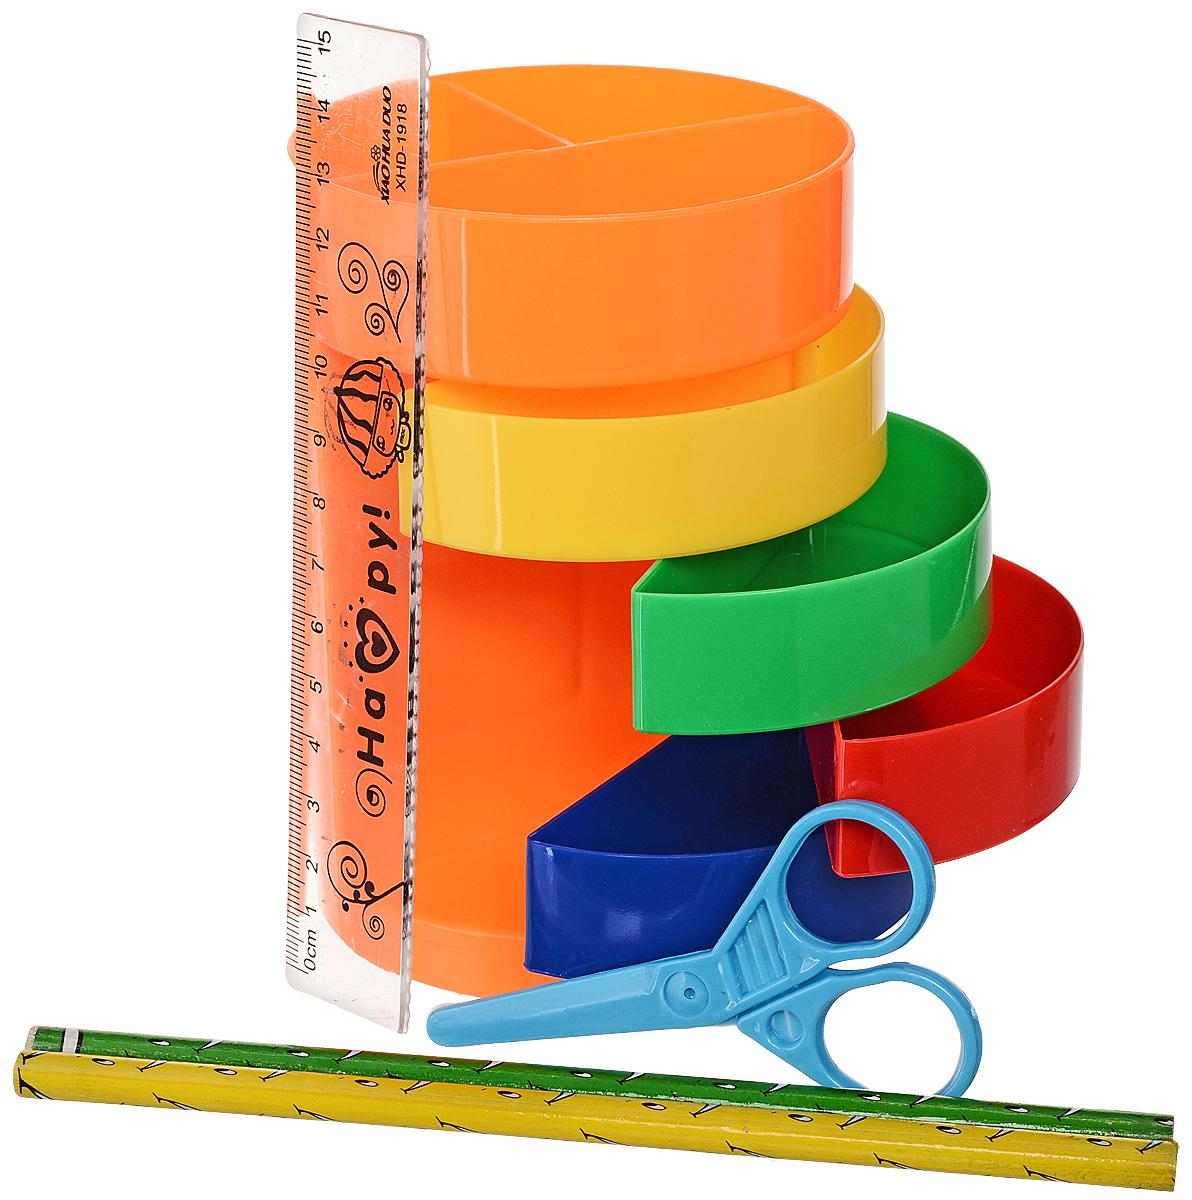 Канцелярский набор Веер-радуга цвет оранжевый 5 предметов